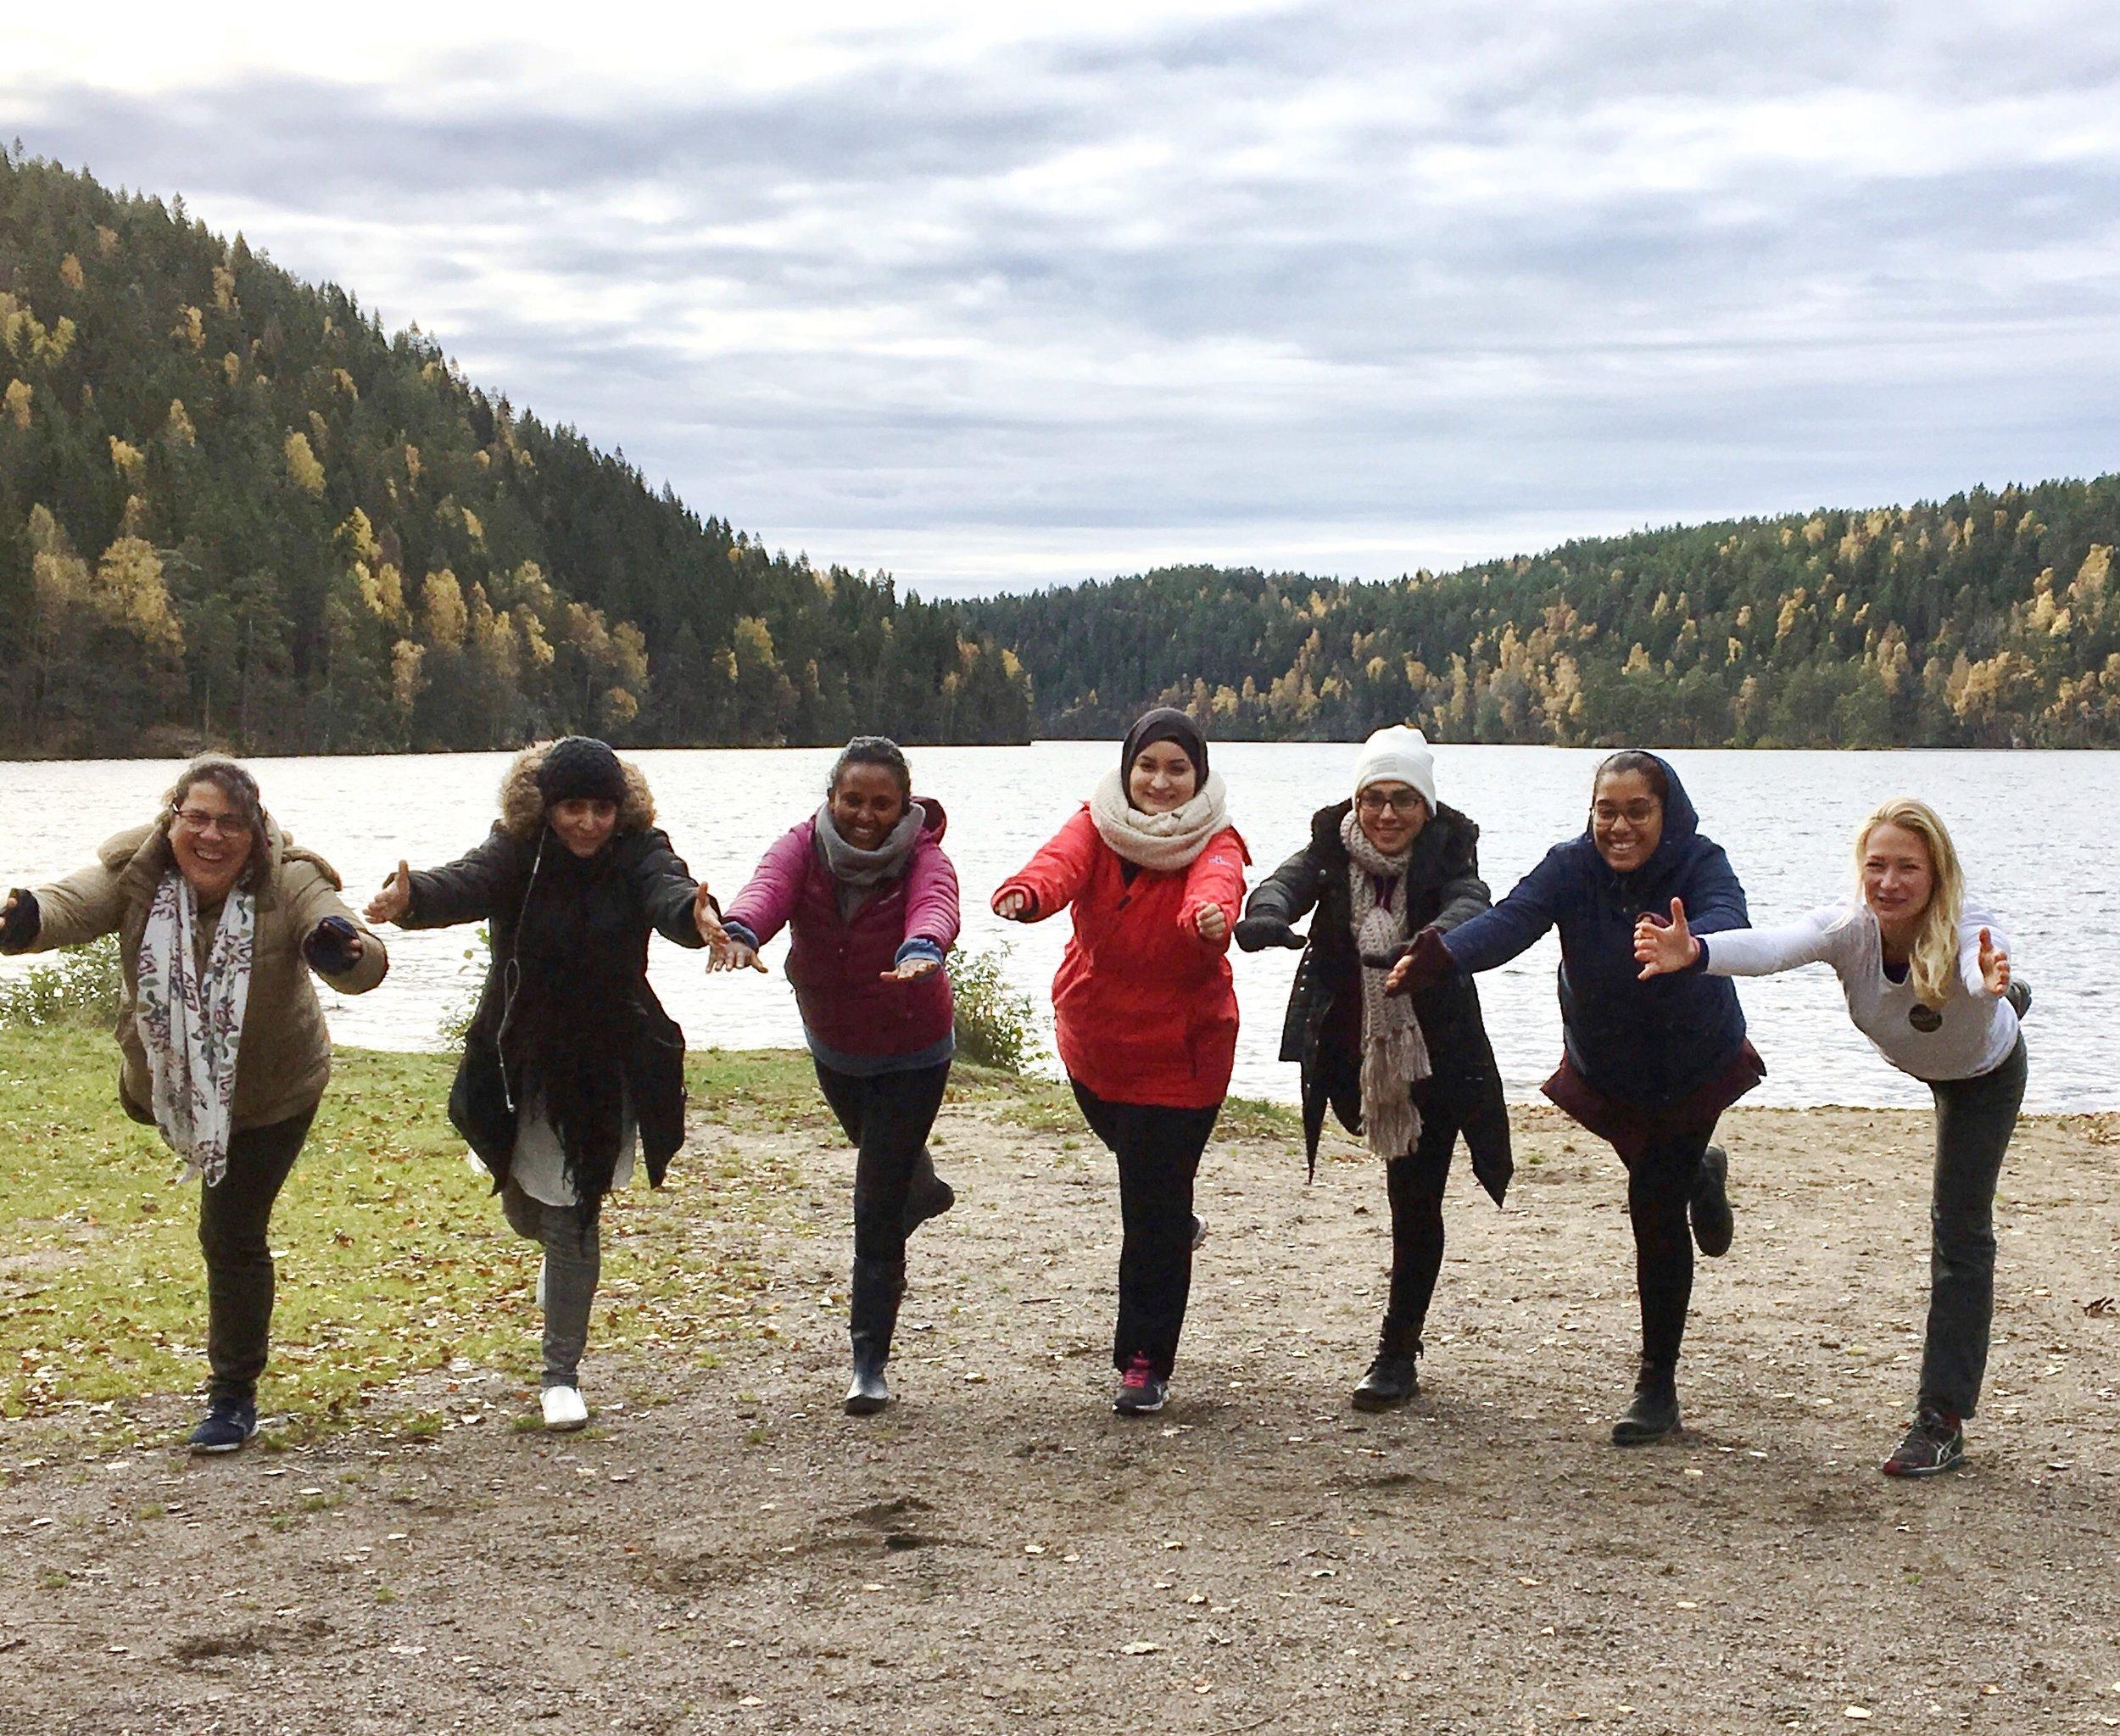 Yoga og tilstedeværelse i naturen - Gnist Yoga underviser gjerne yoga og tilstedeværelse ute i naturen. Her er responsen fra da Gnist Yoga kombinerte naturopplevelser med yoga med gruppe damer fra Likestilling, Inkludering og Nettverk (LIN):